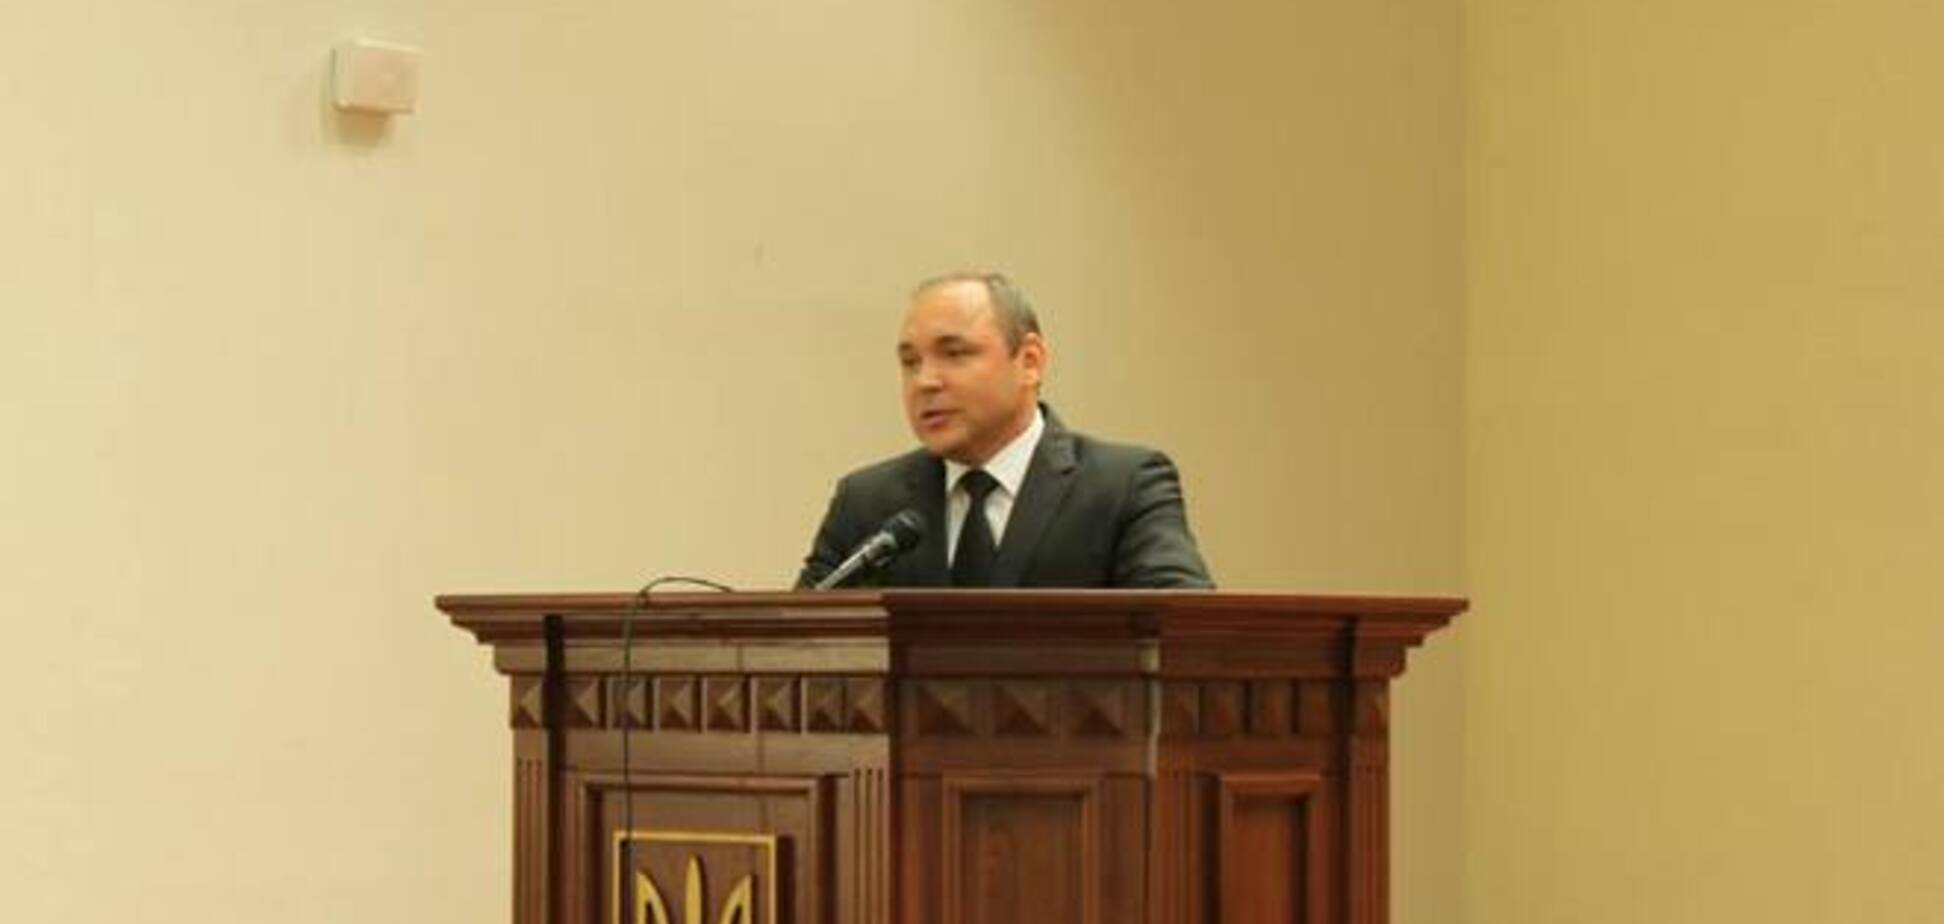 Глава Голосеевской РГА Даневич заявил об угрозах от нардепа